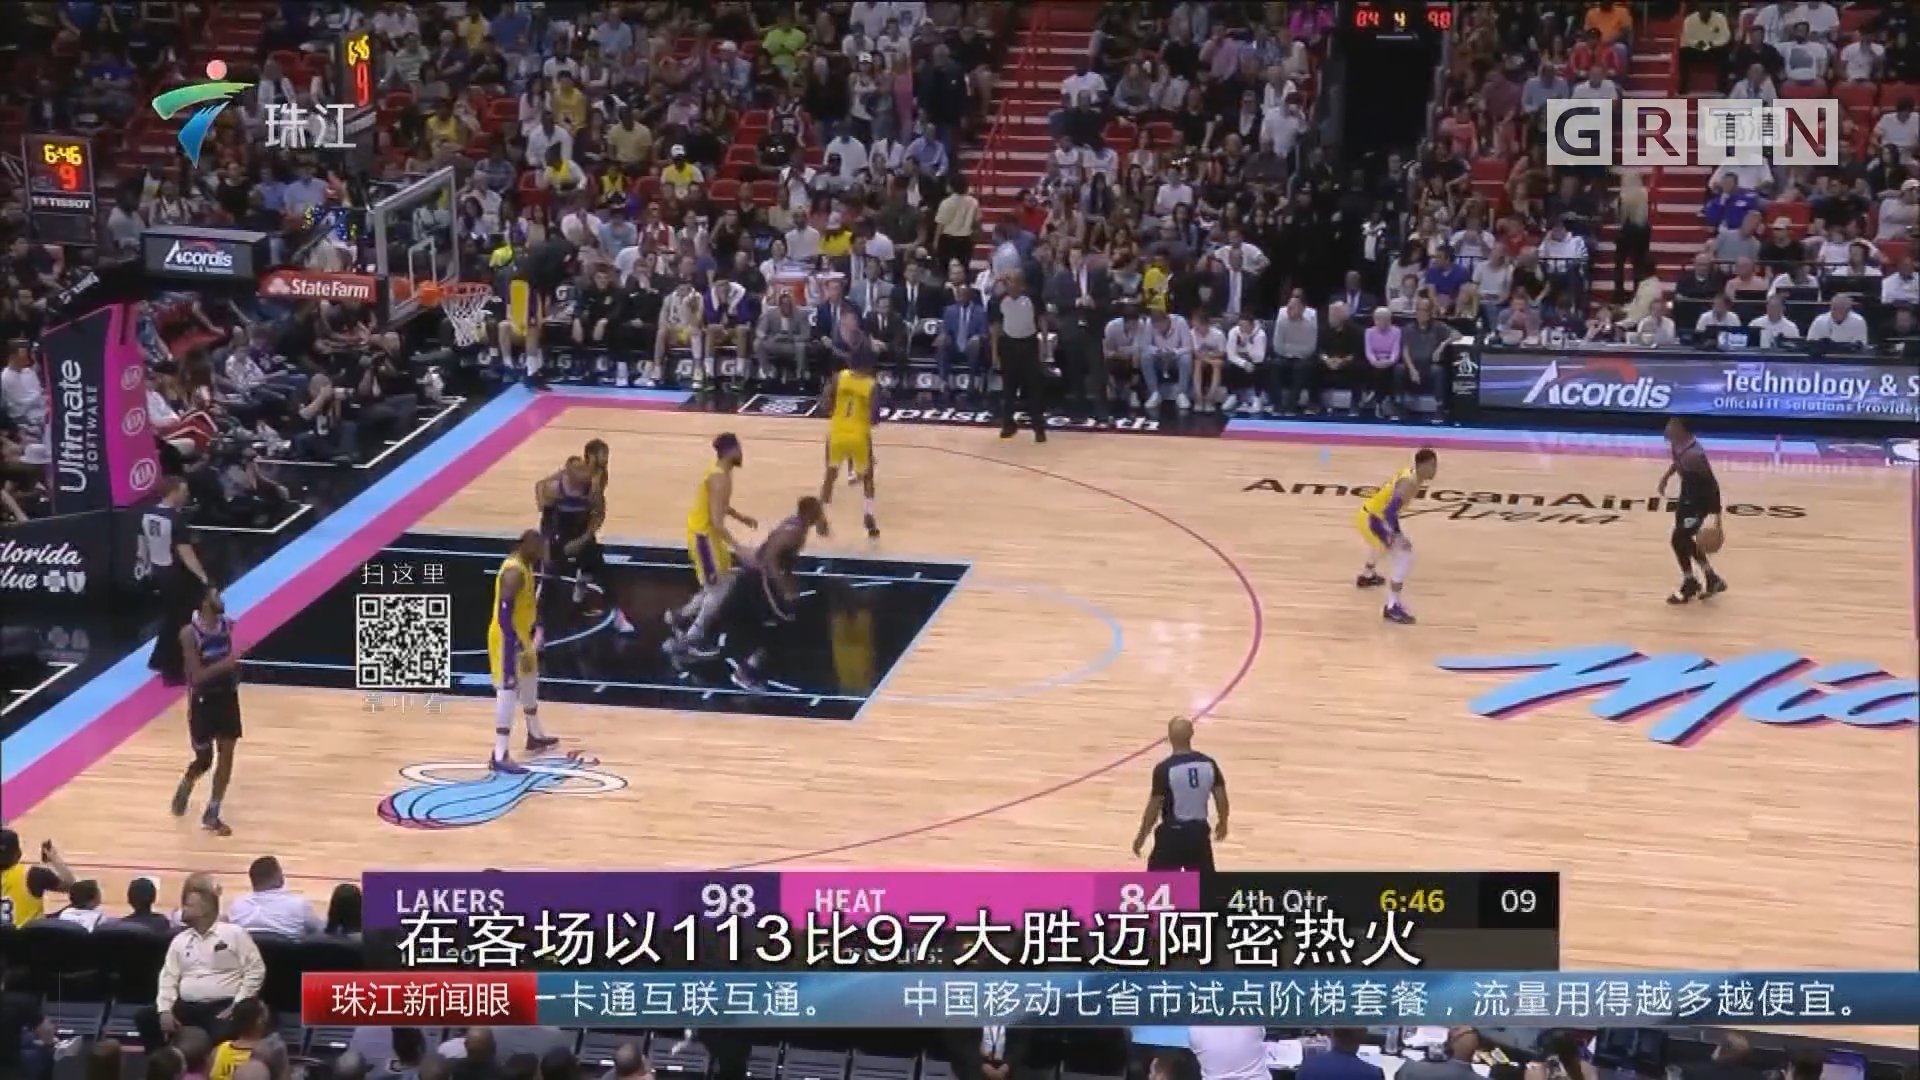 NBA:詹姆斯51分 湖人灭火